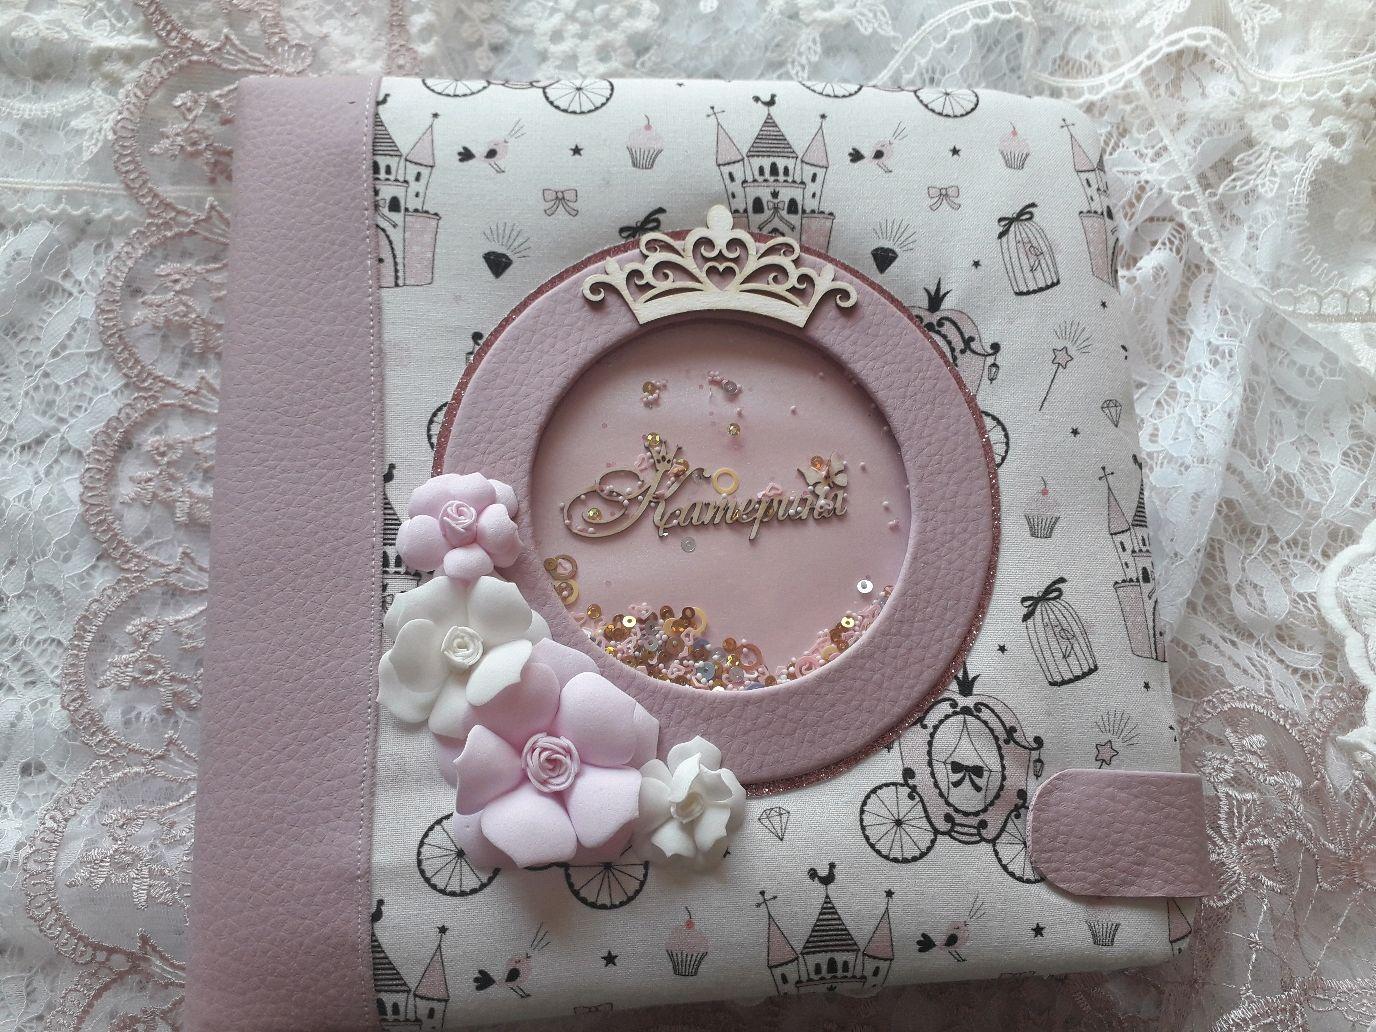 Фотоальбом для принцессы, Фотоальбомы, Новосибирск,  Фото №1